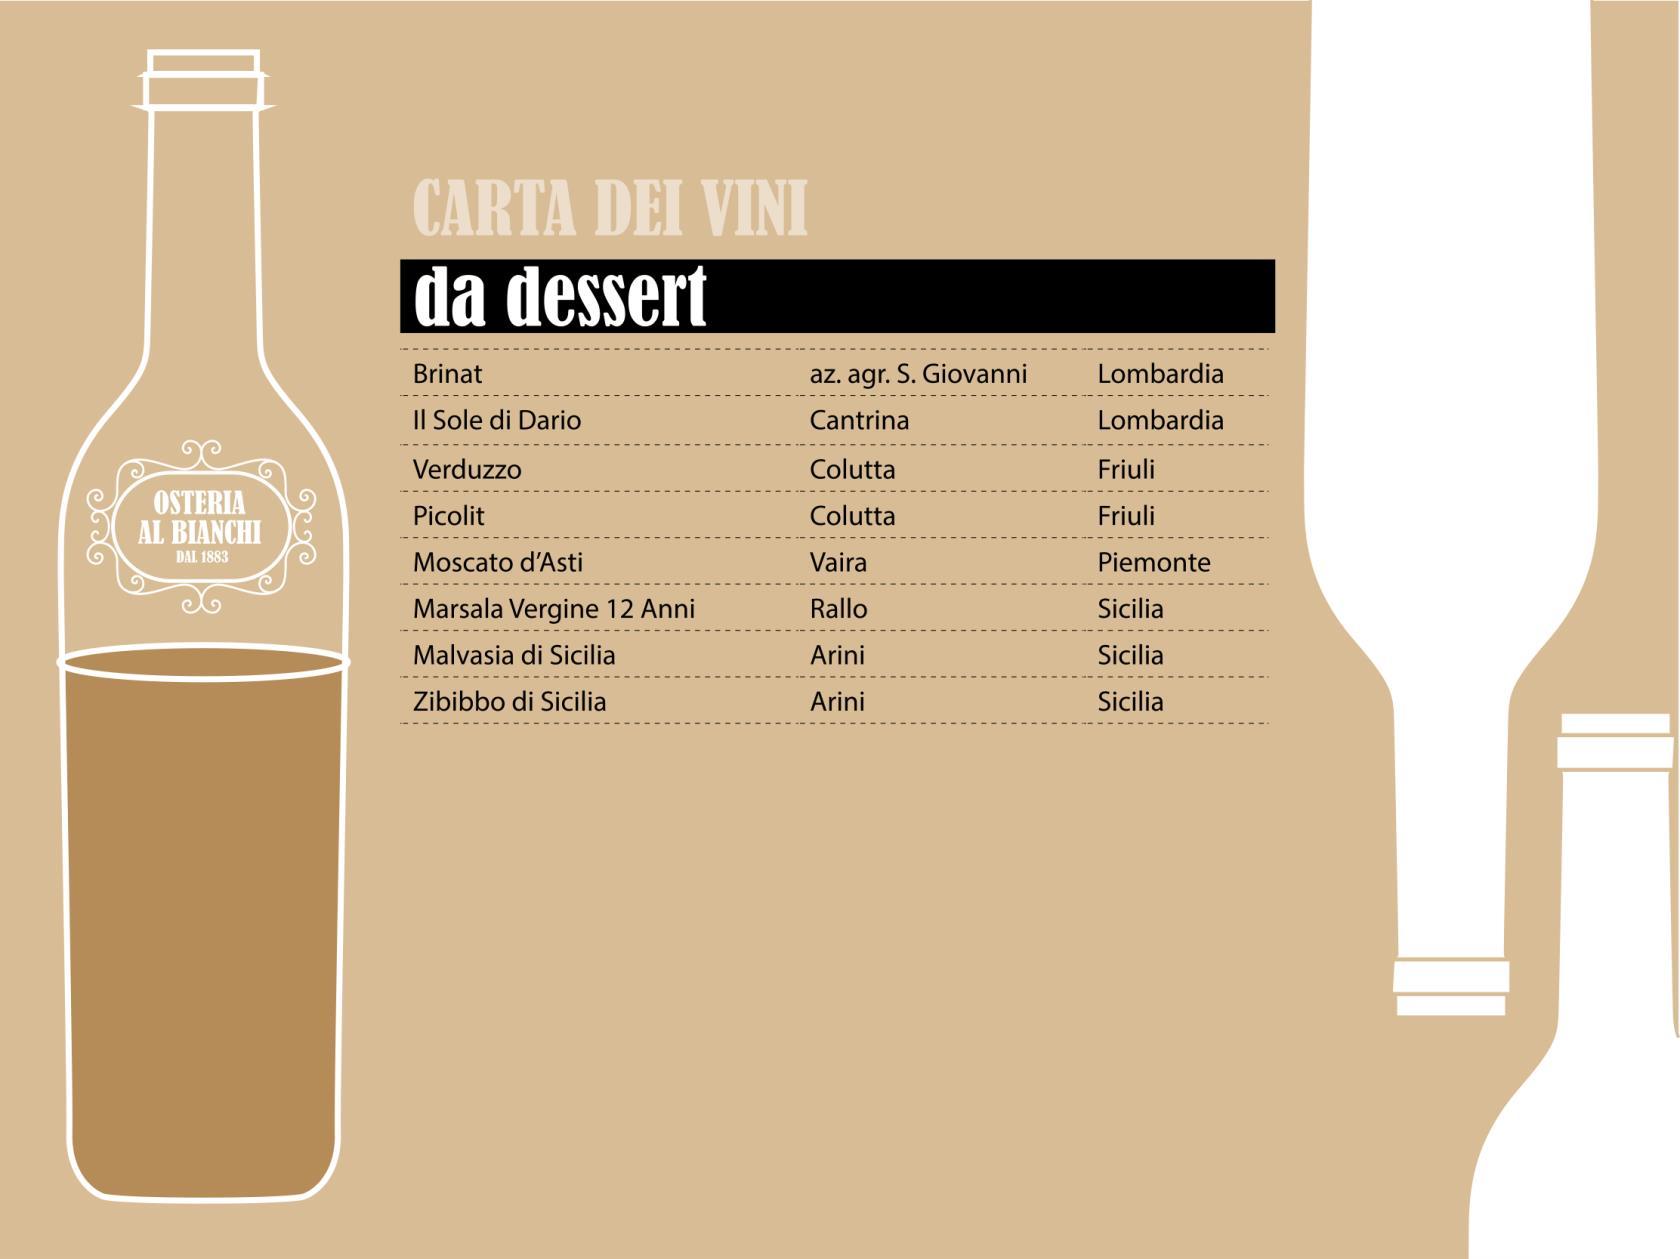 carta dei vini da dessert - osteria al bianchi trattoria tipica brescia centro